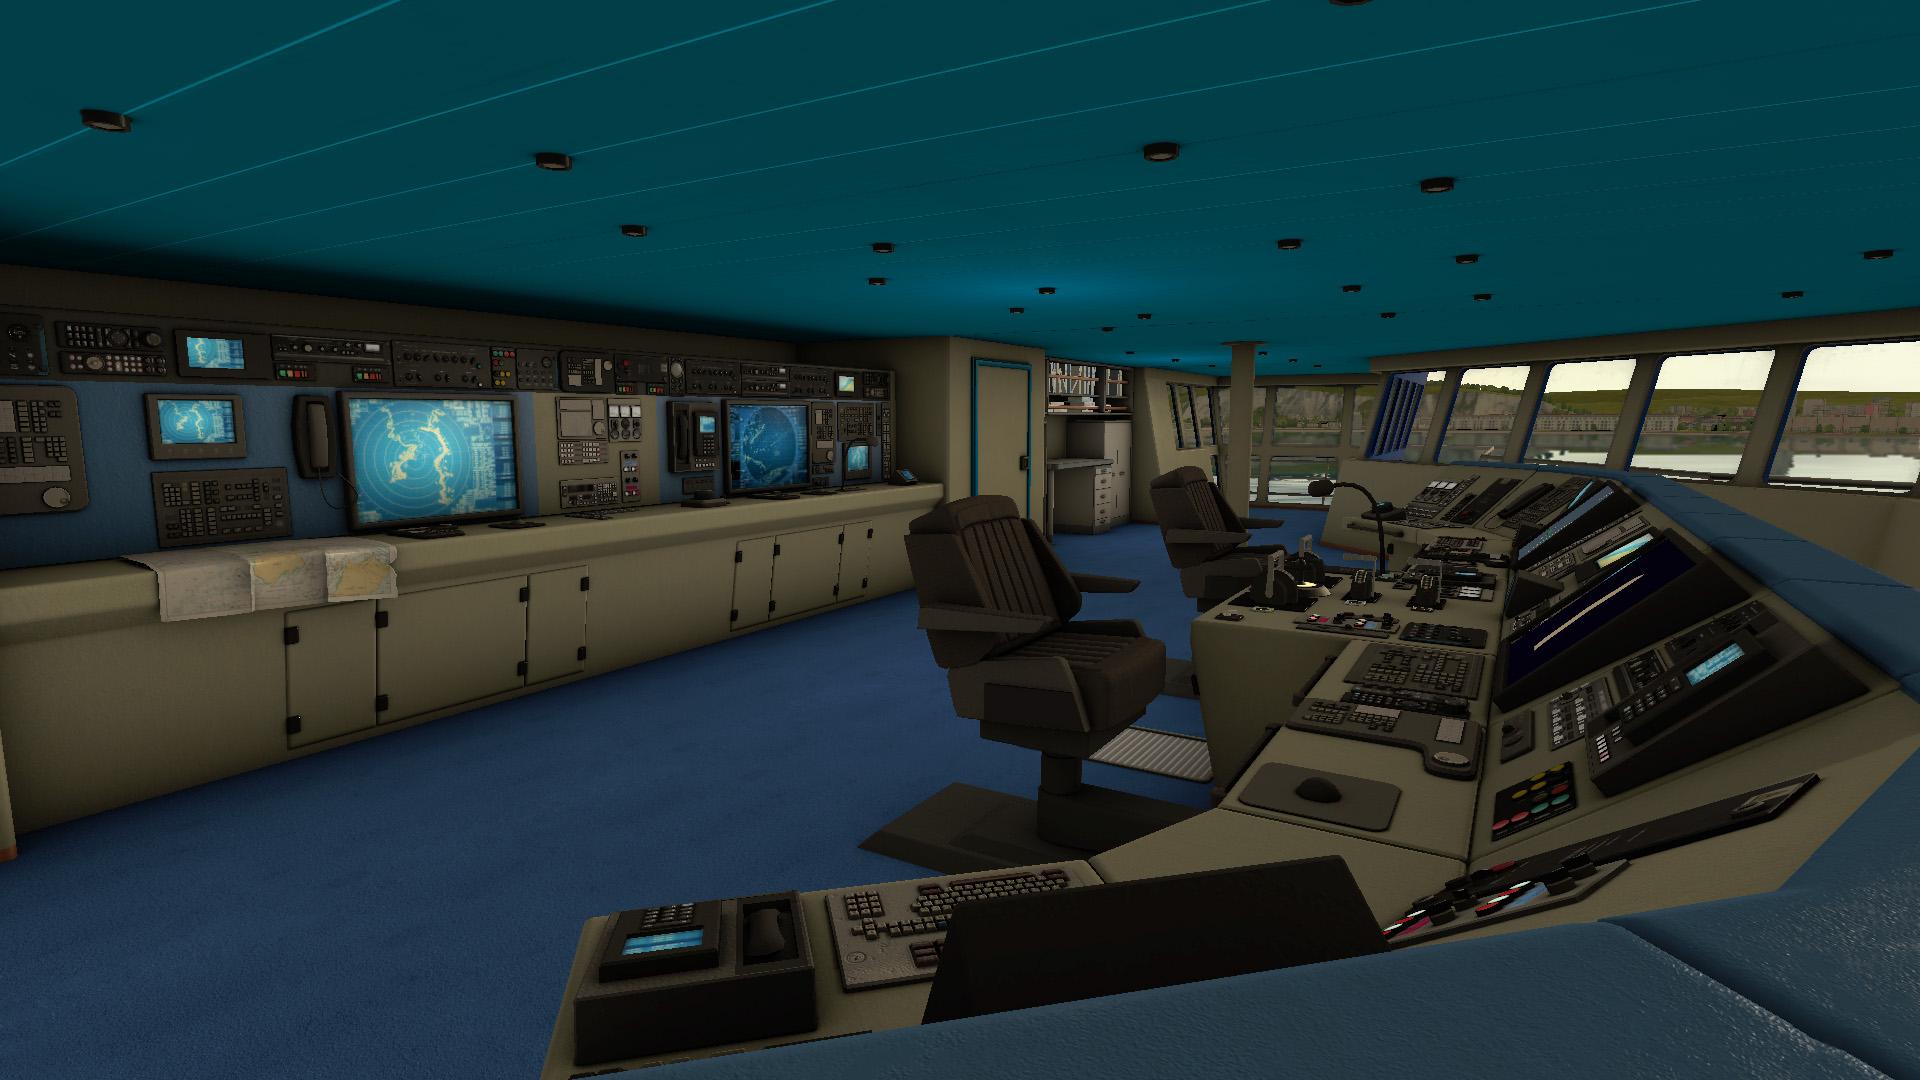 تحميل لعبة قيادة السفن الشبيهة ss_cc2226a6c5e71c9f8